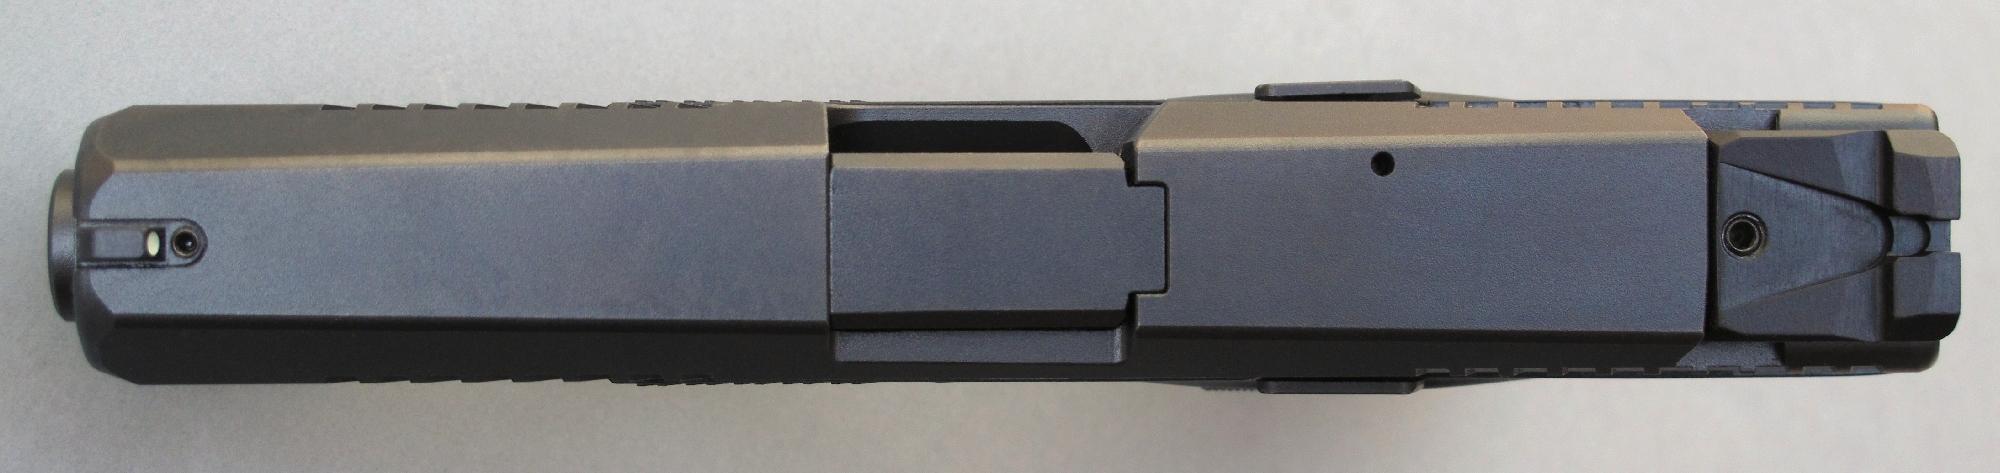 Cette vue du dessus de l'arme permet de constater l'absence d'aspérités, les commandes ambidextres n'occasionnant quasiment aucune proéminence.